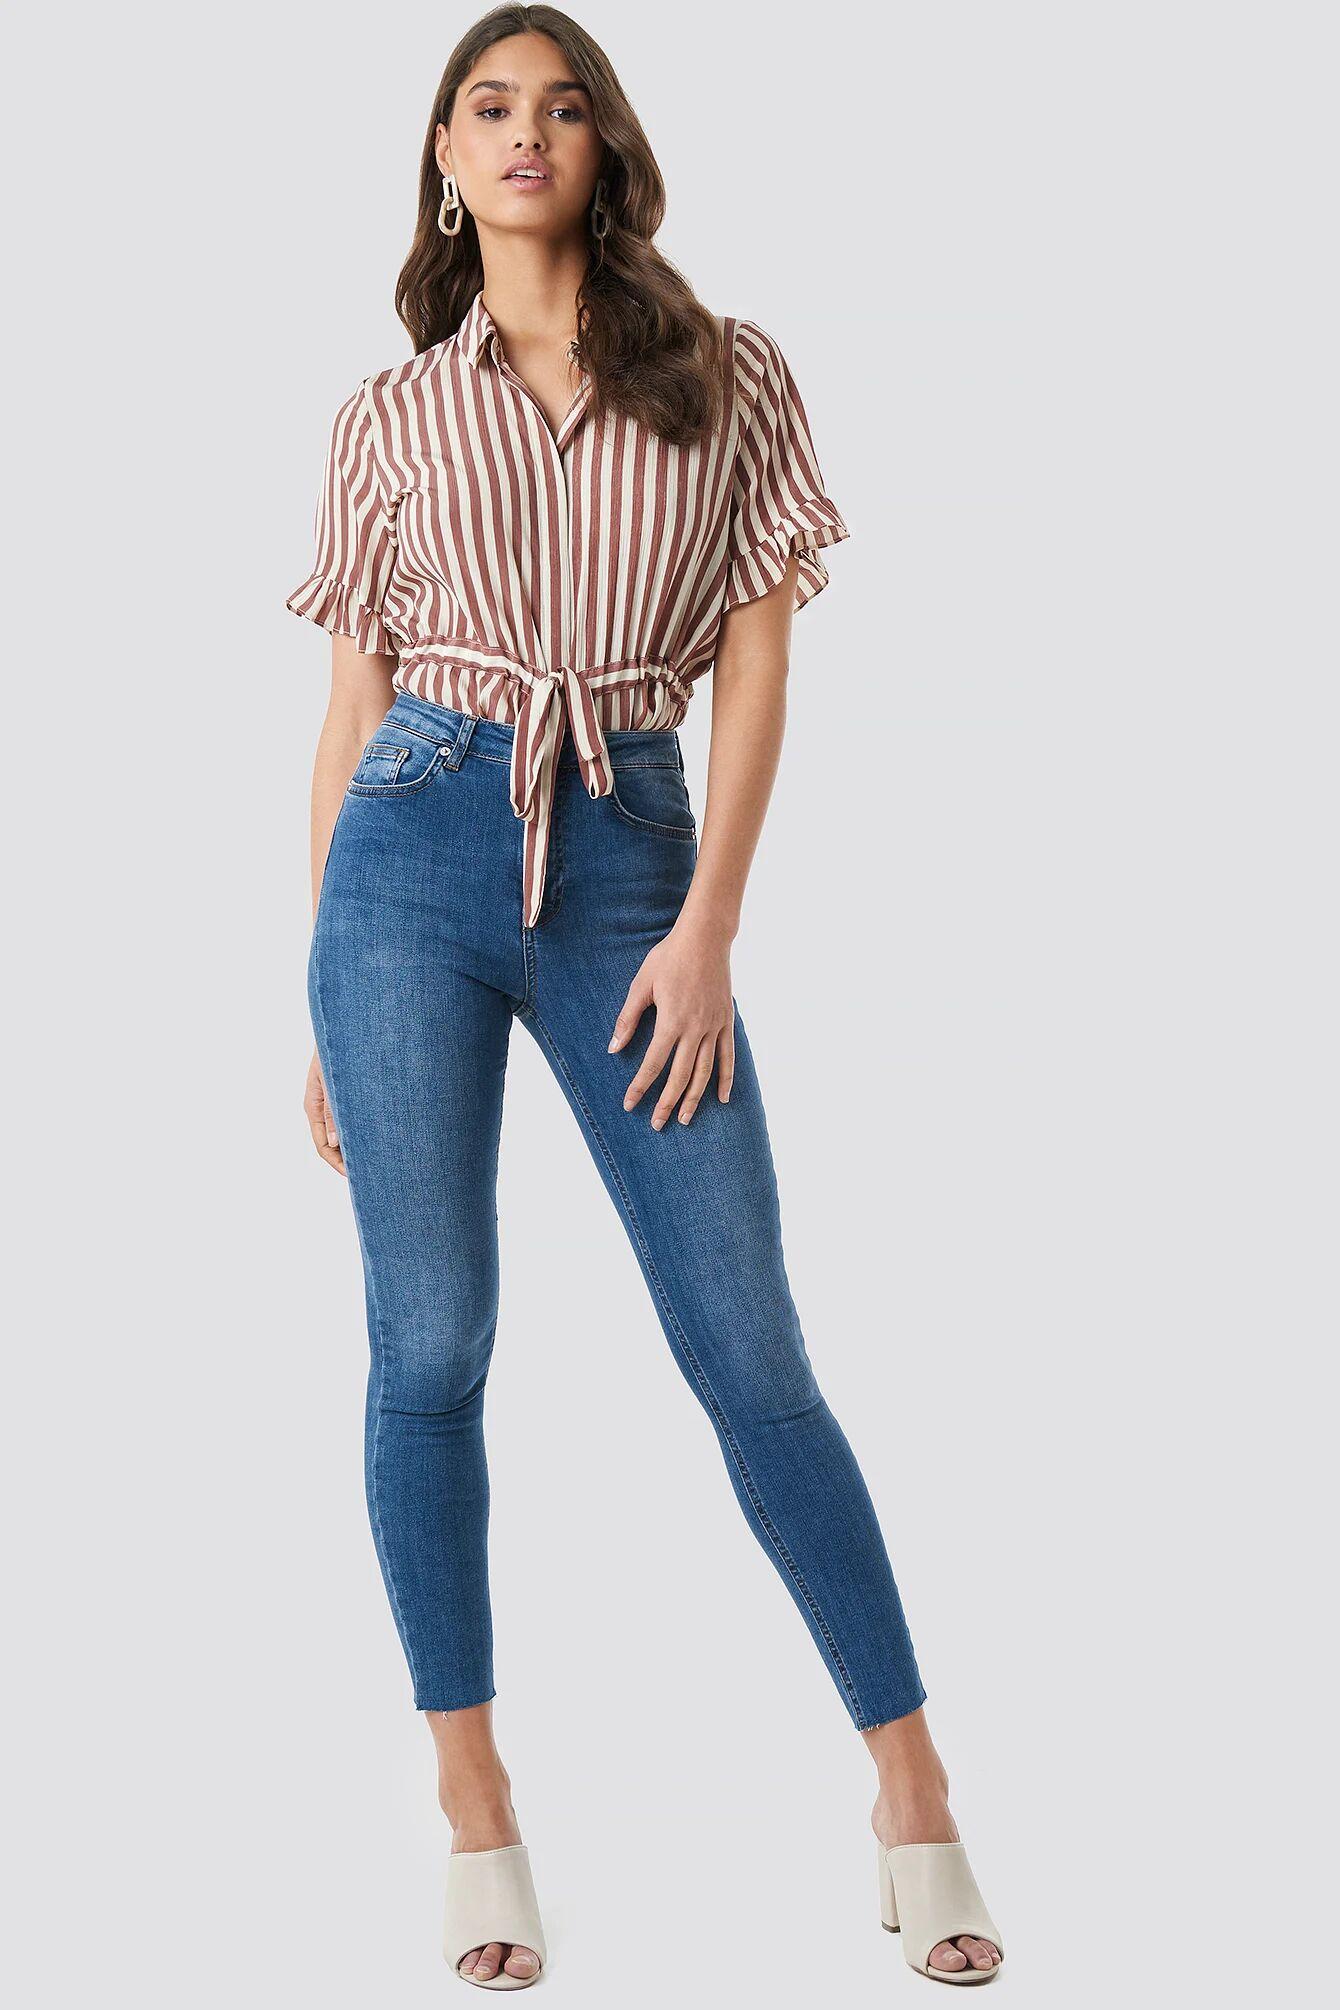 NA-KD Skinny High Waist Raw Hem Jeans - Blue  - Size: EU 32,EU 34,EU 36,EU 38,EU 40,EU 42,EU 44